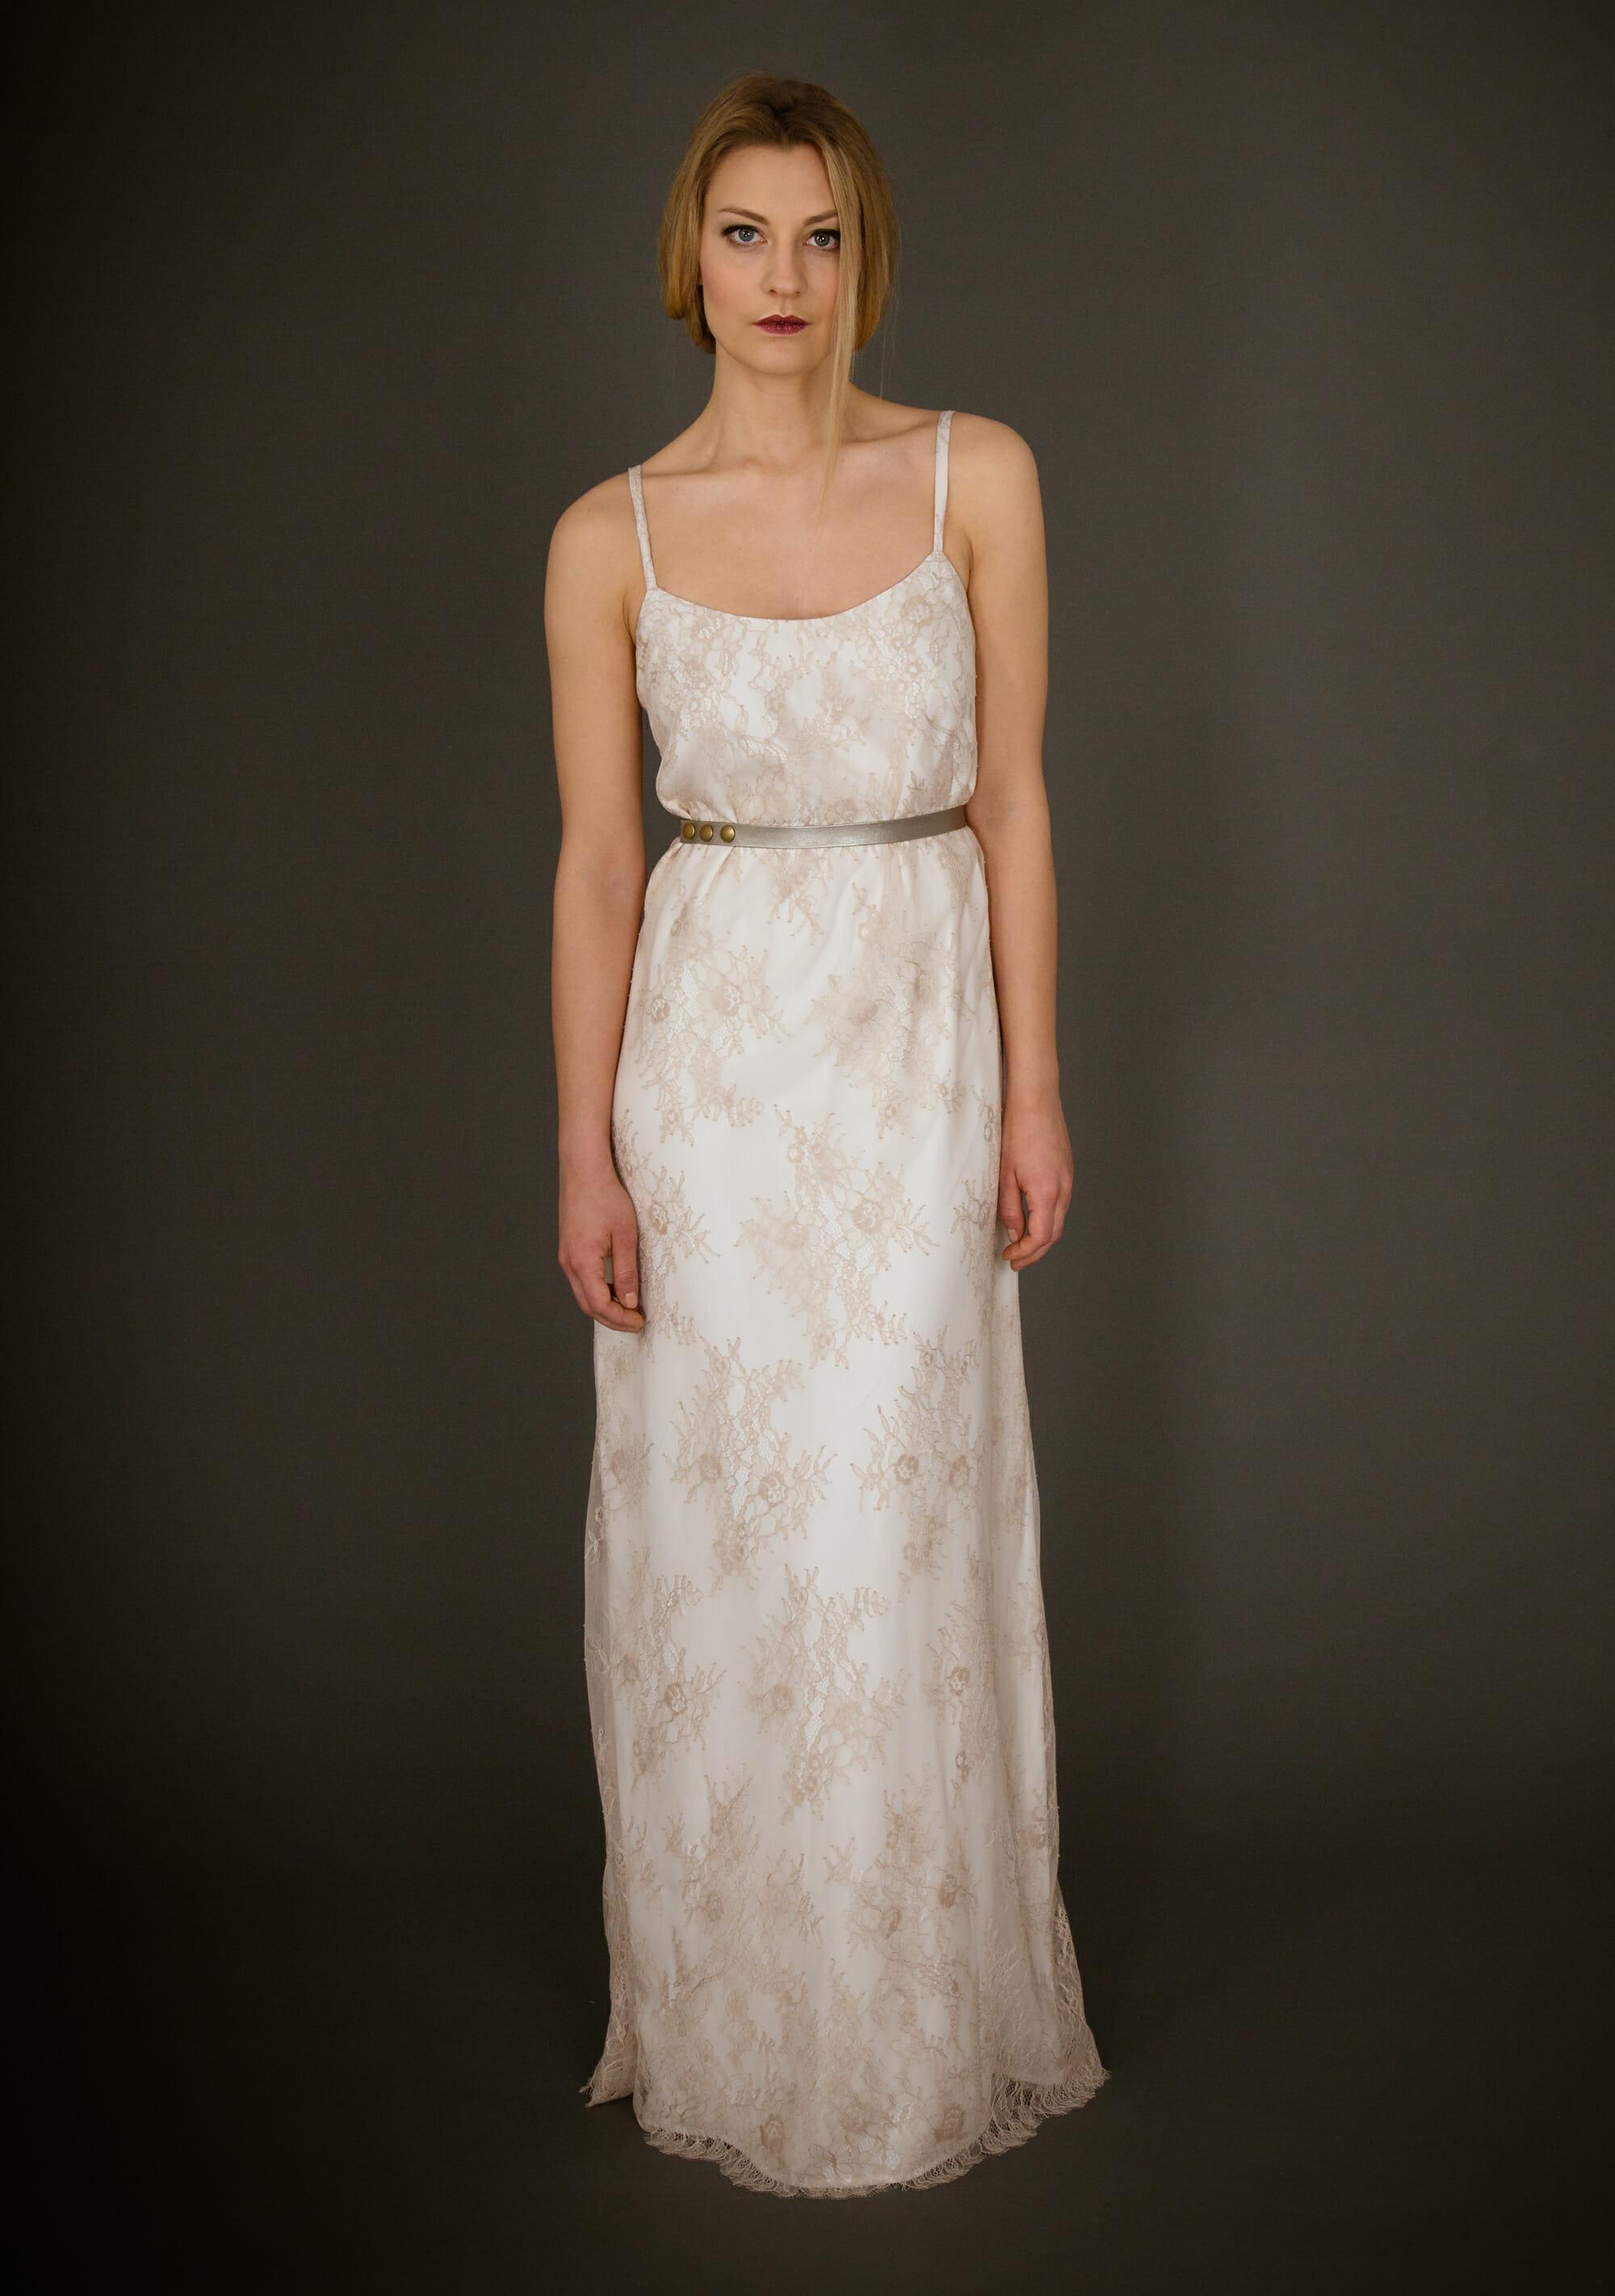 Brautkleid von ANNE WOLF. Modell Susi.